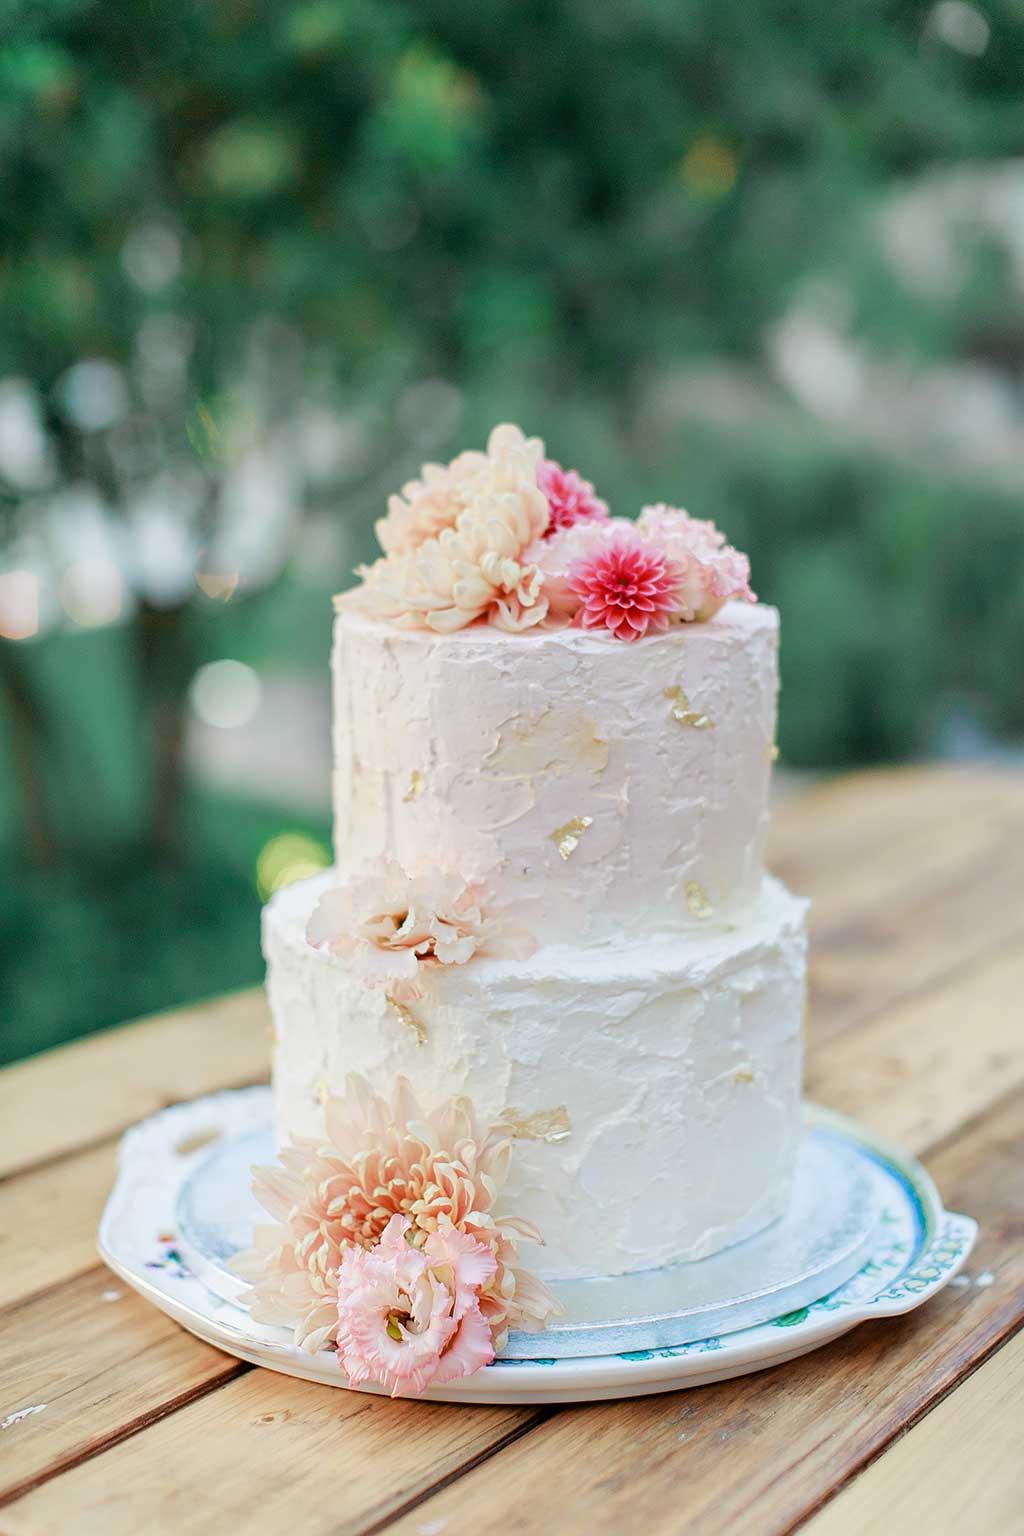 Φωτογράφος γάμου Χαλκιδική, γαμήλια τούρτα, beautiful wedding cake from martha's sweet philosophy